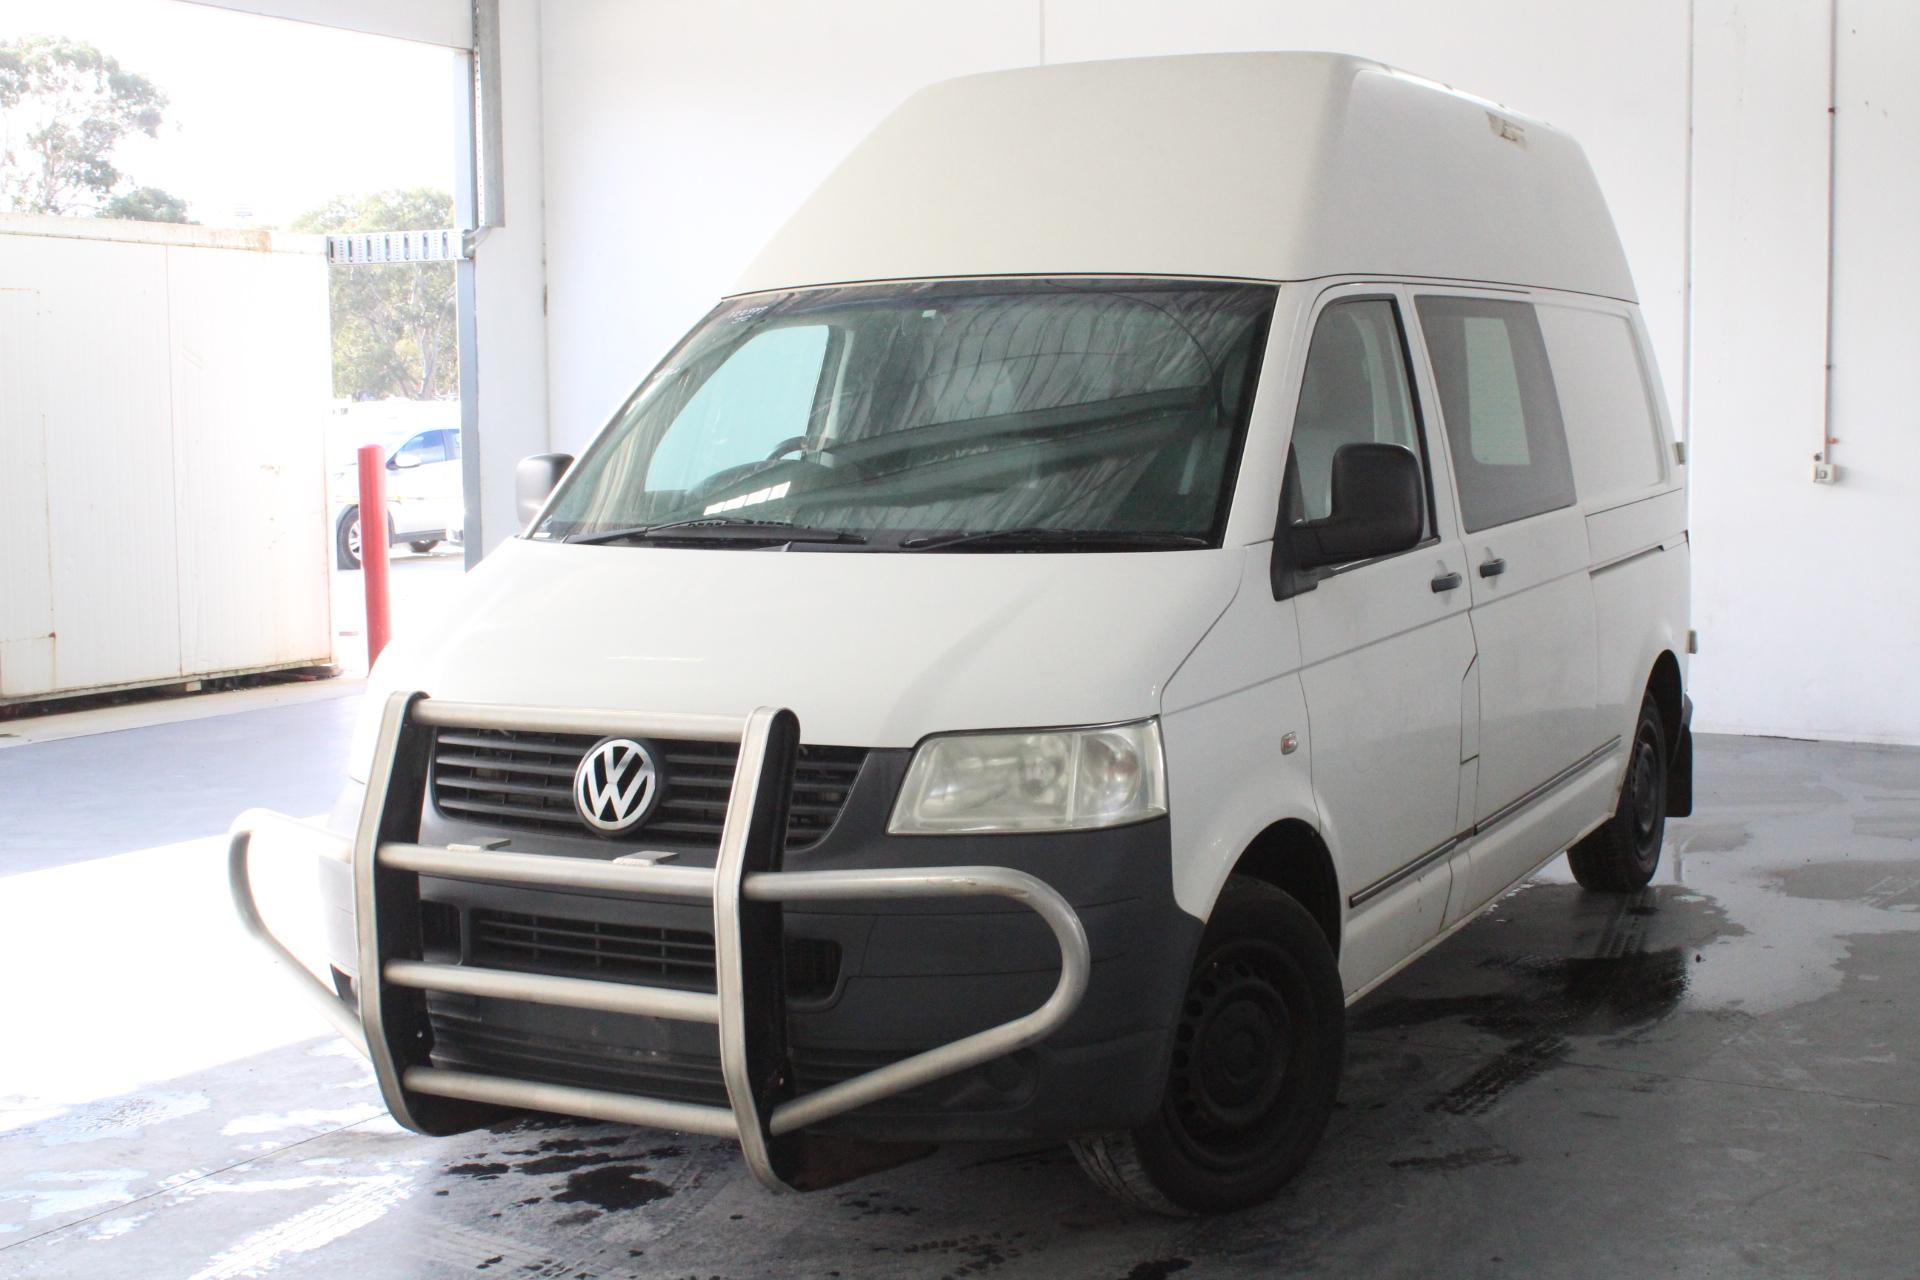 2009 Volkswagen Transporter (LWB) T5 Turbo Diesel Automatic Van